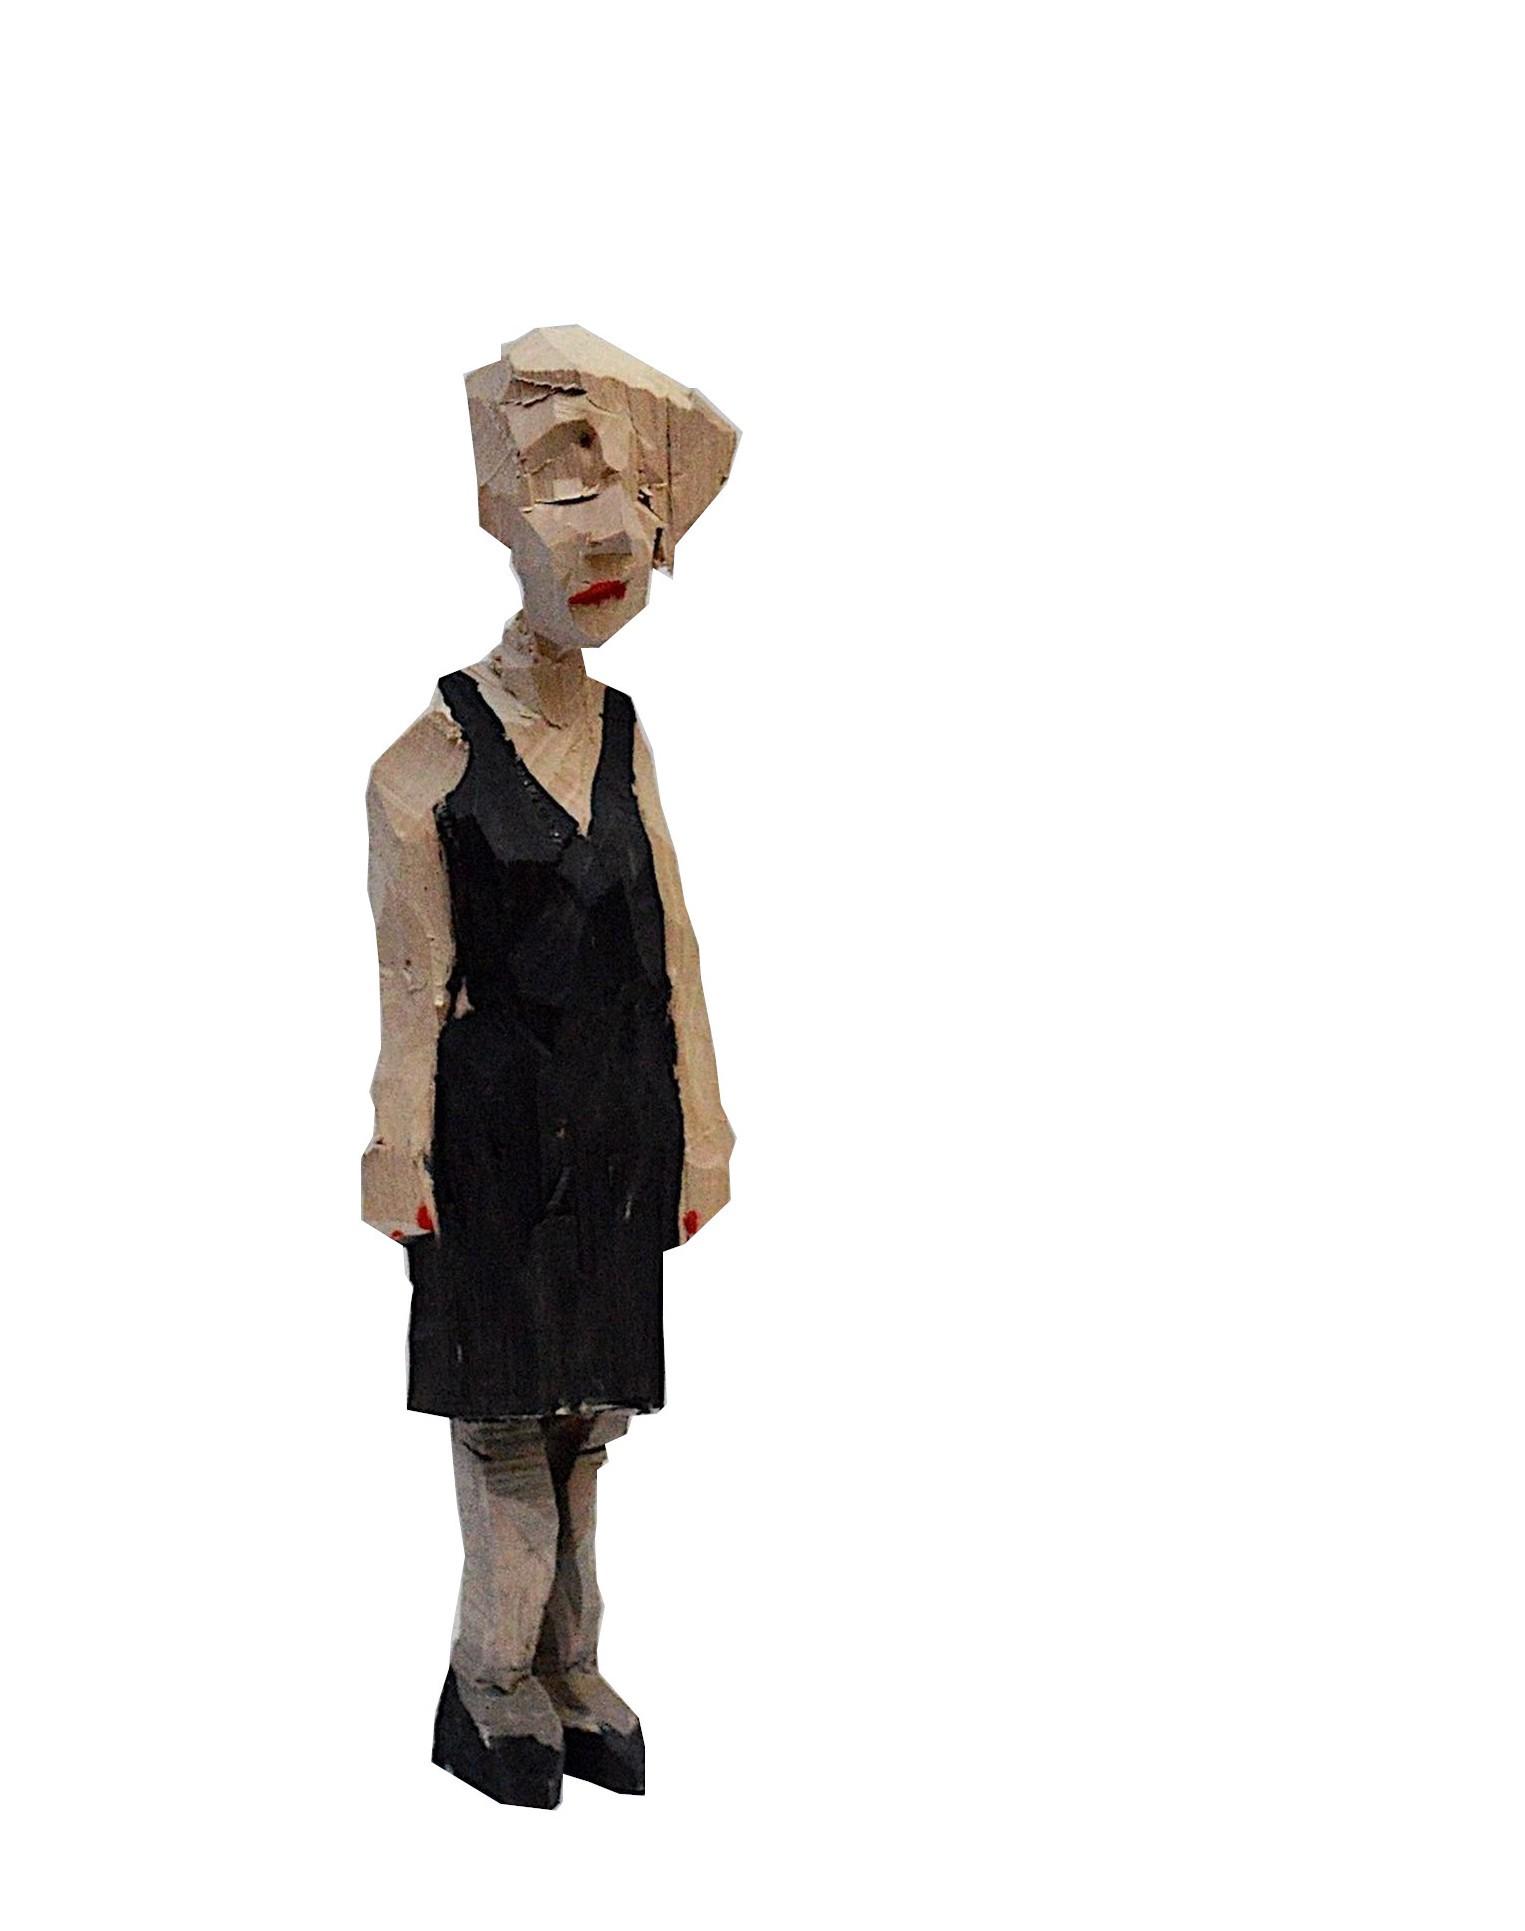 Frau in kleinem Schwarzen - Schulz, Georg - k-GS538